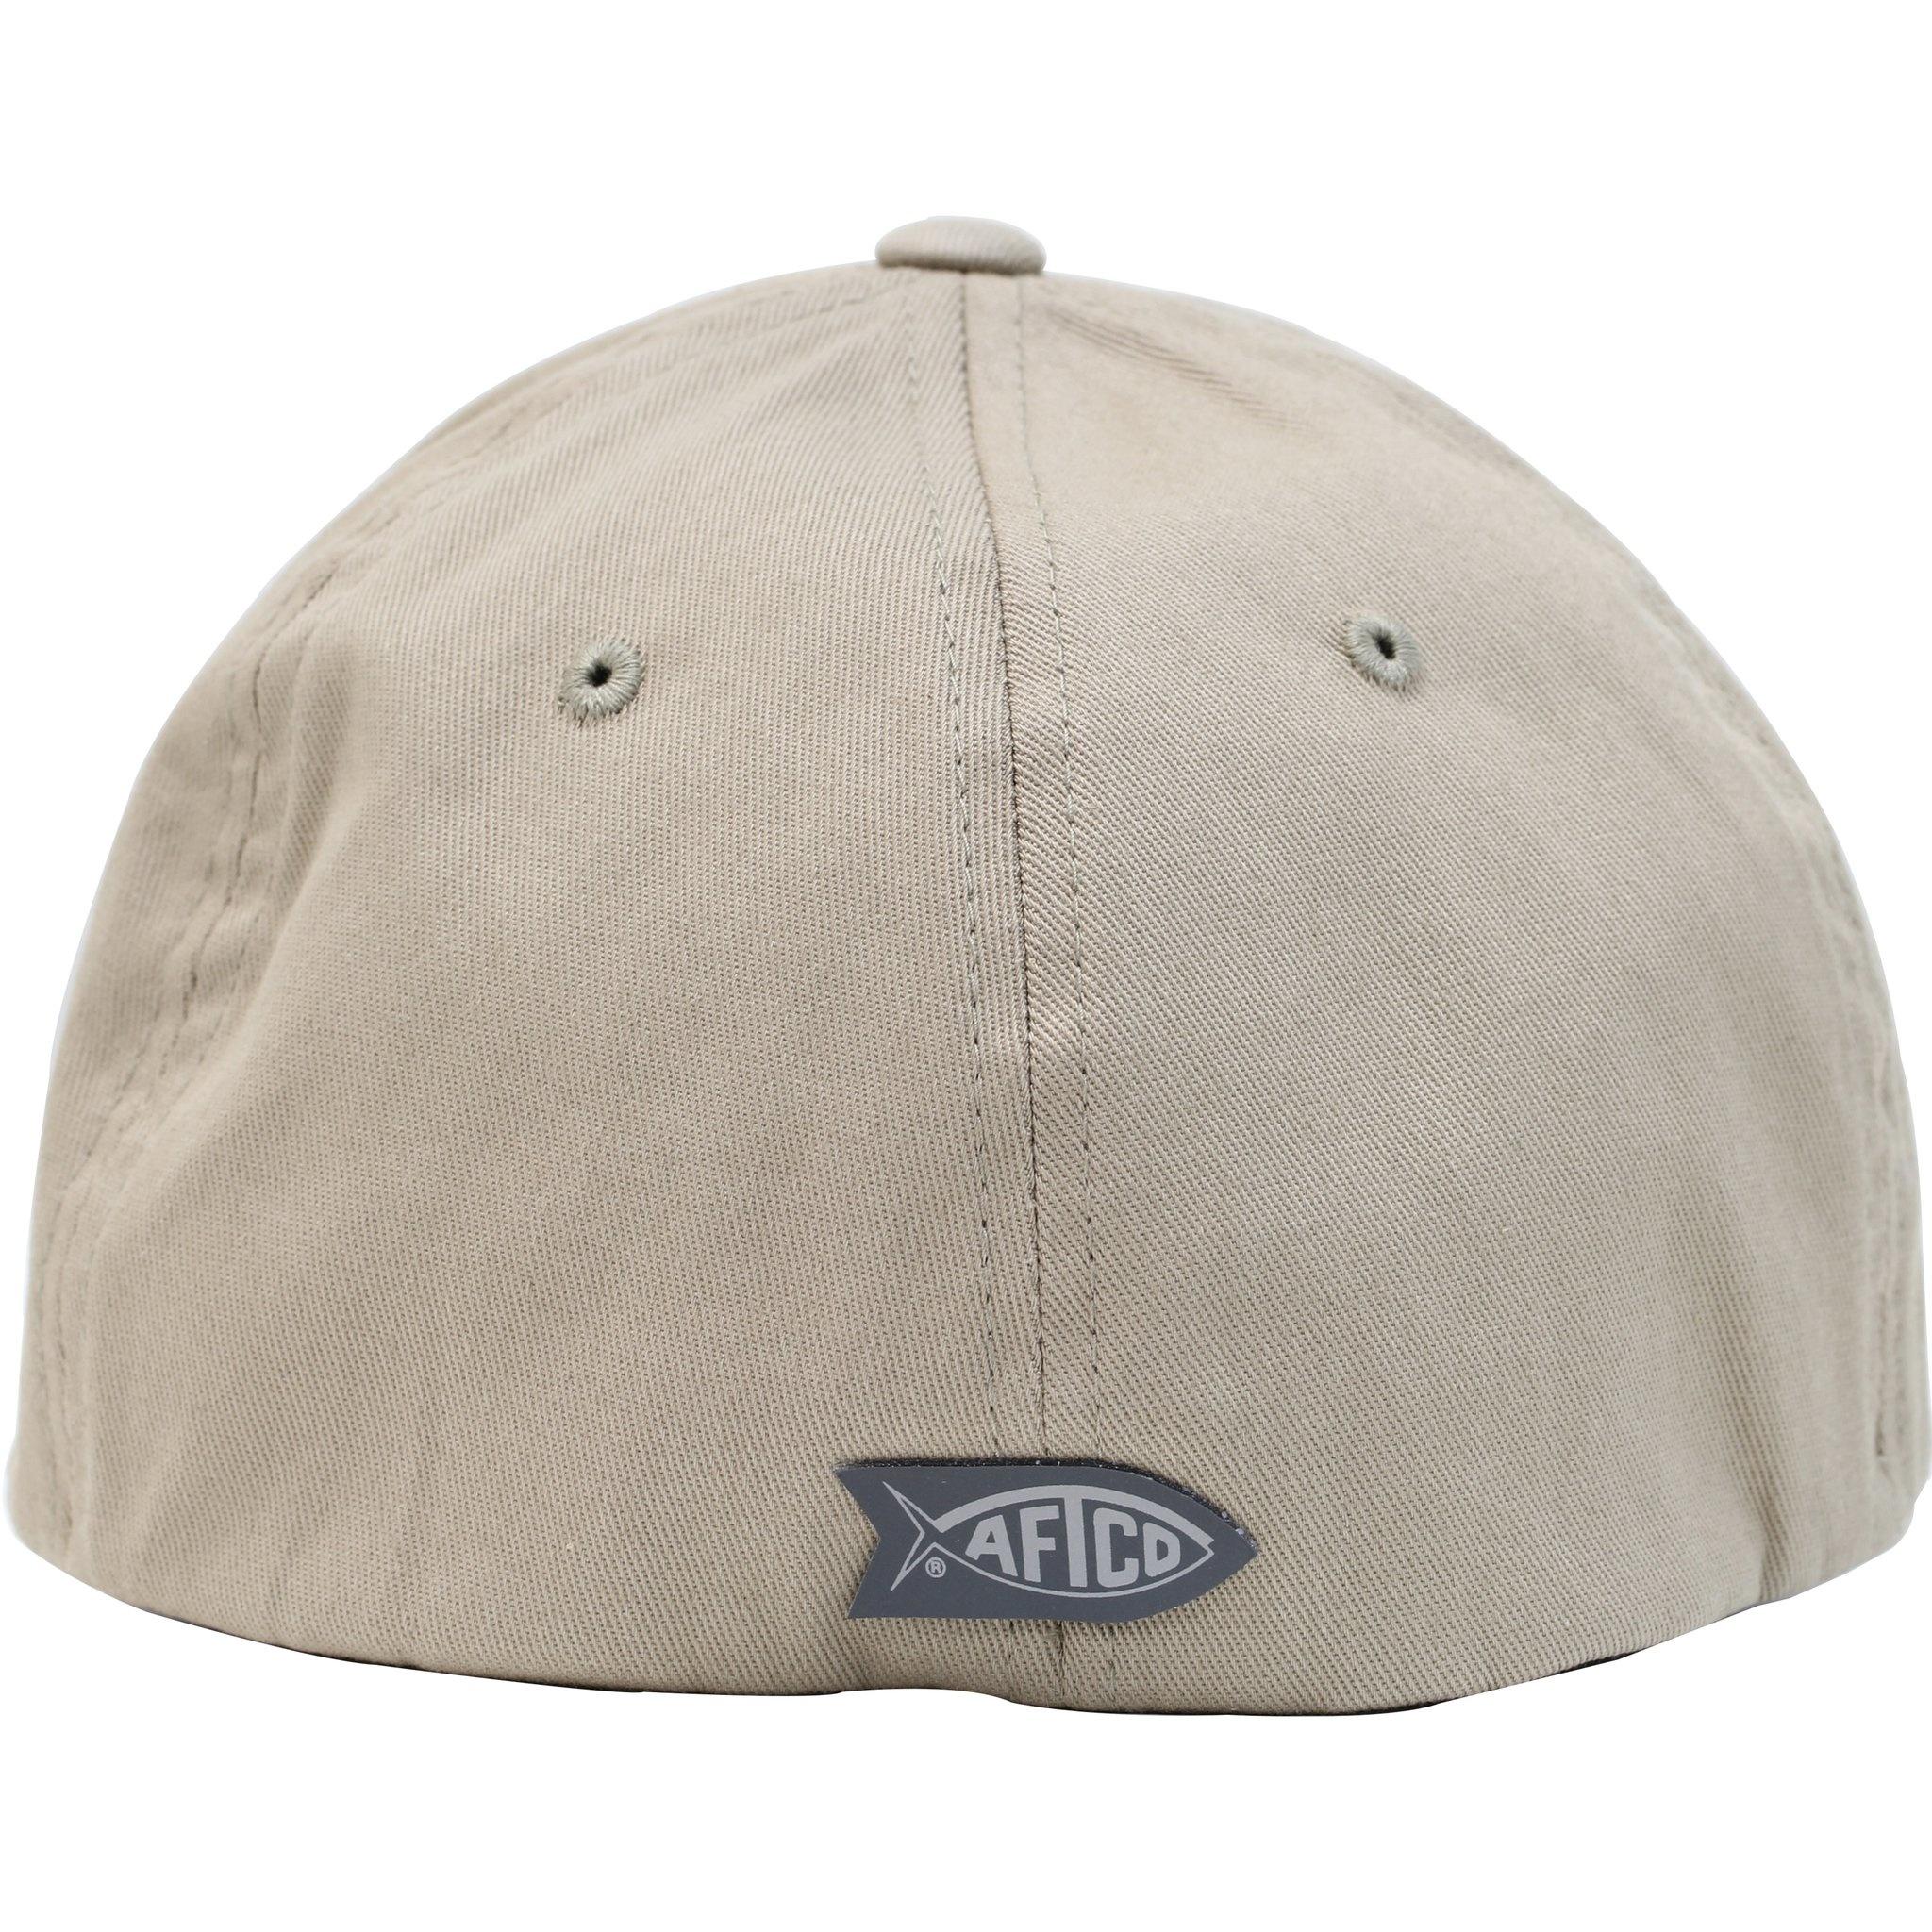 AFTCO AFTCO BIG J FLEXFIT HAT